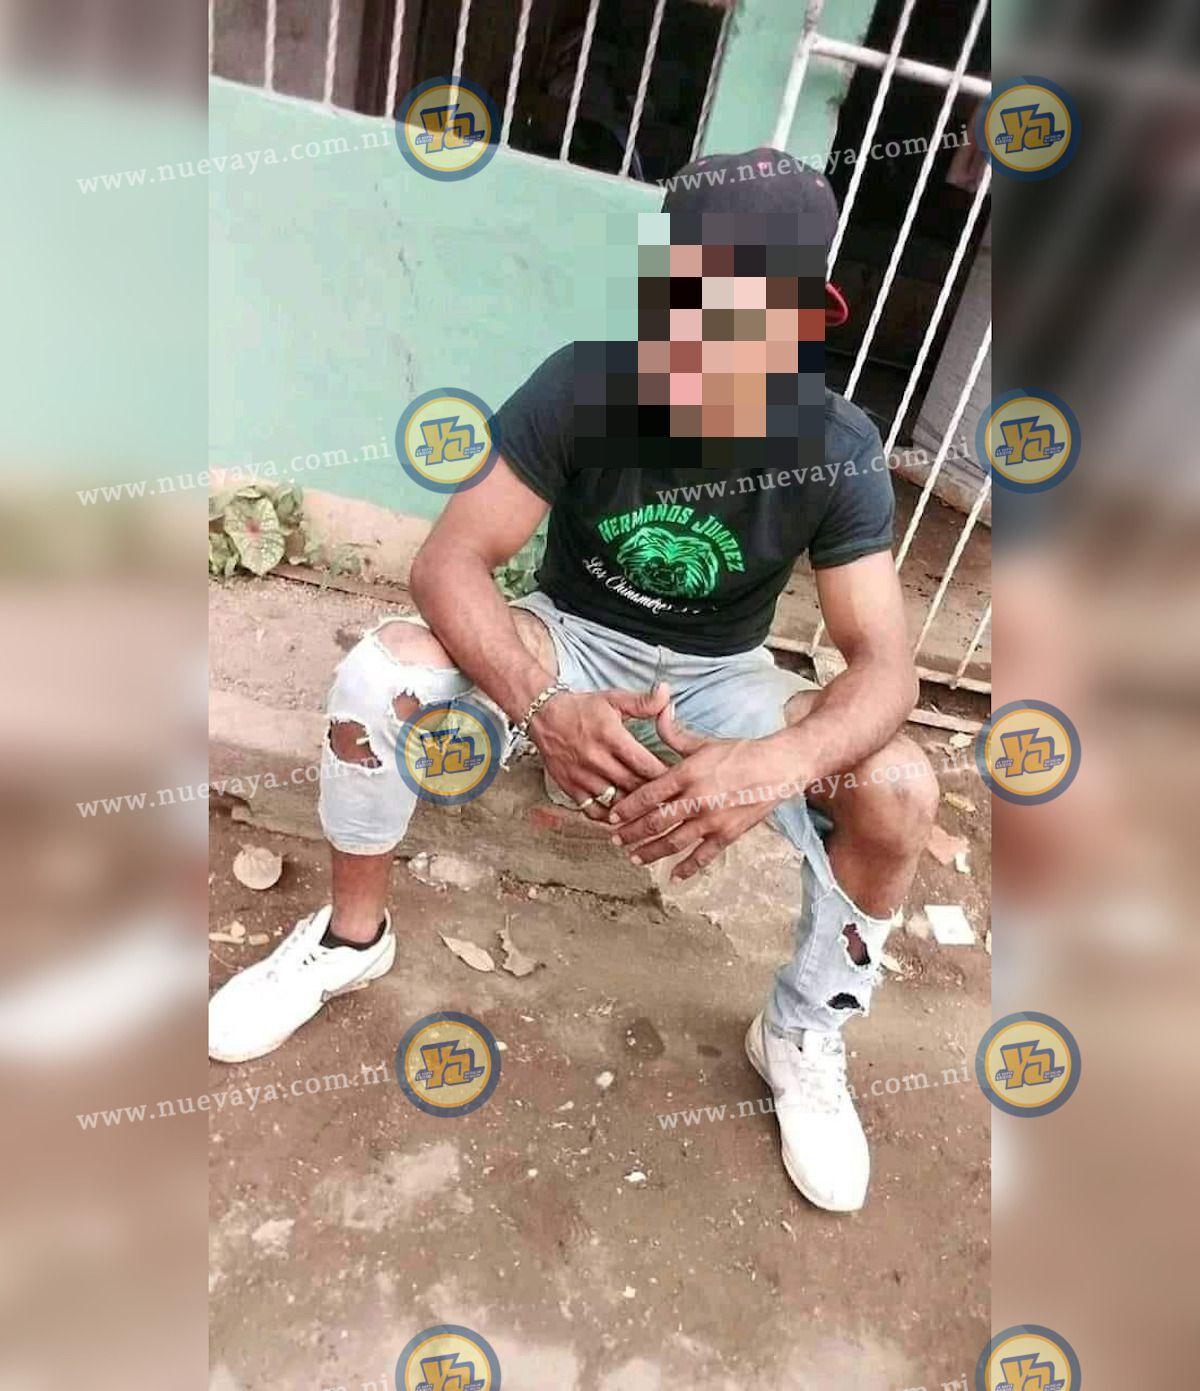 Un joven de 26 años se quitó la vida en San Jorge